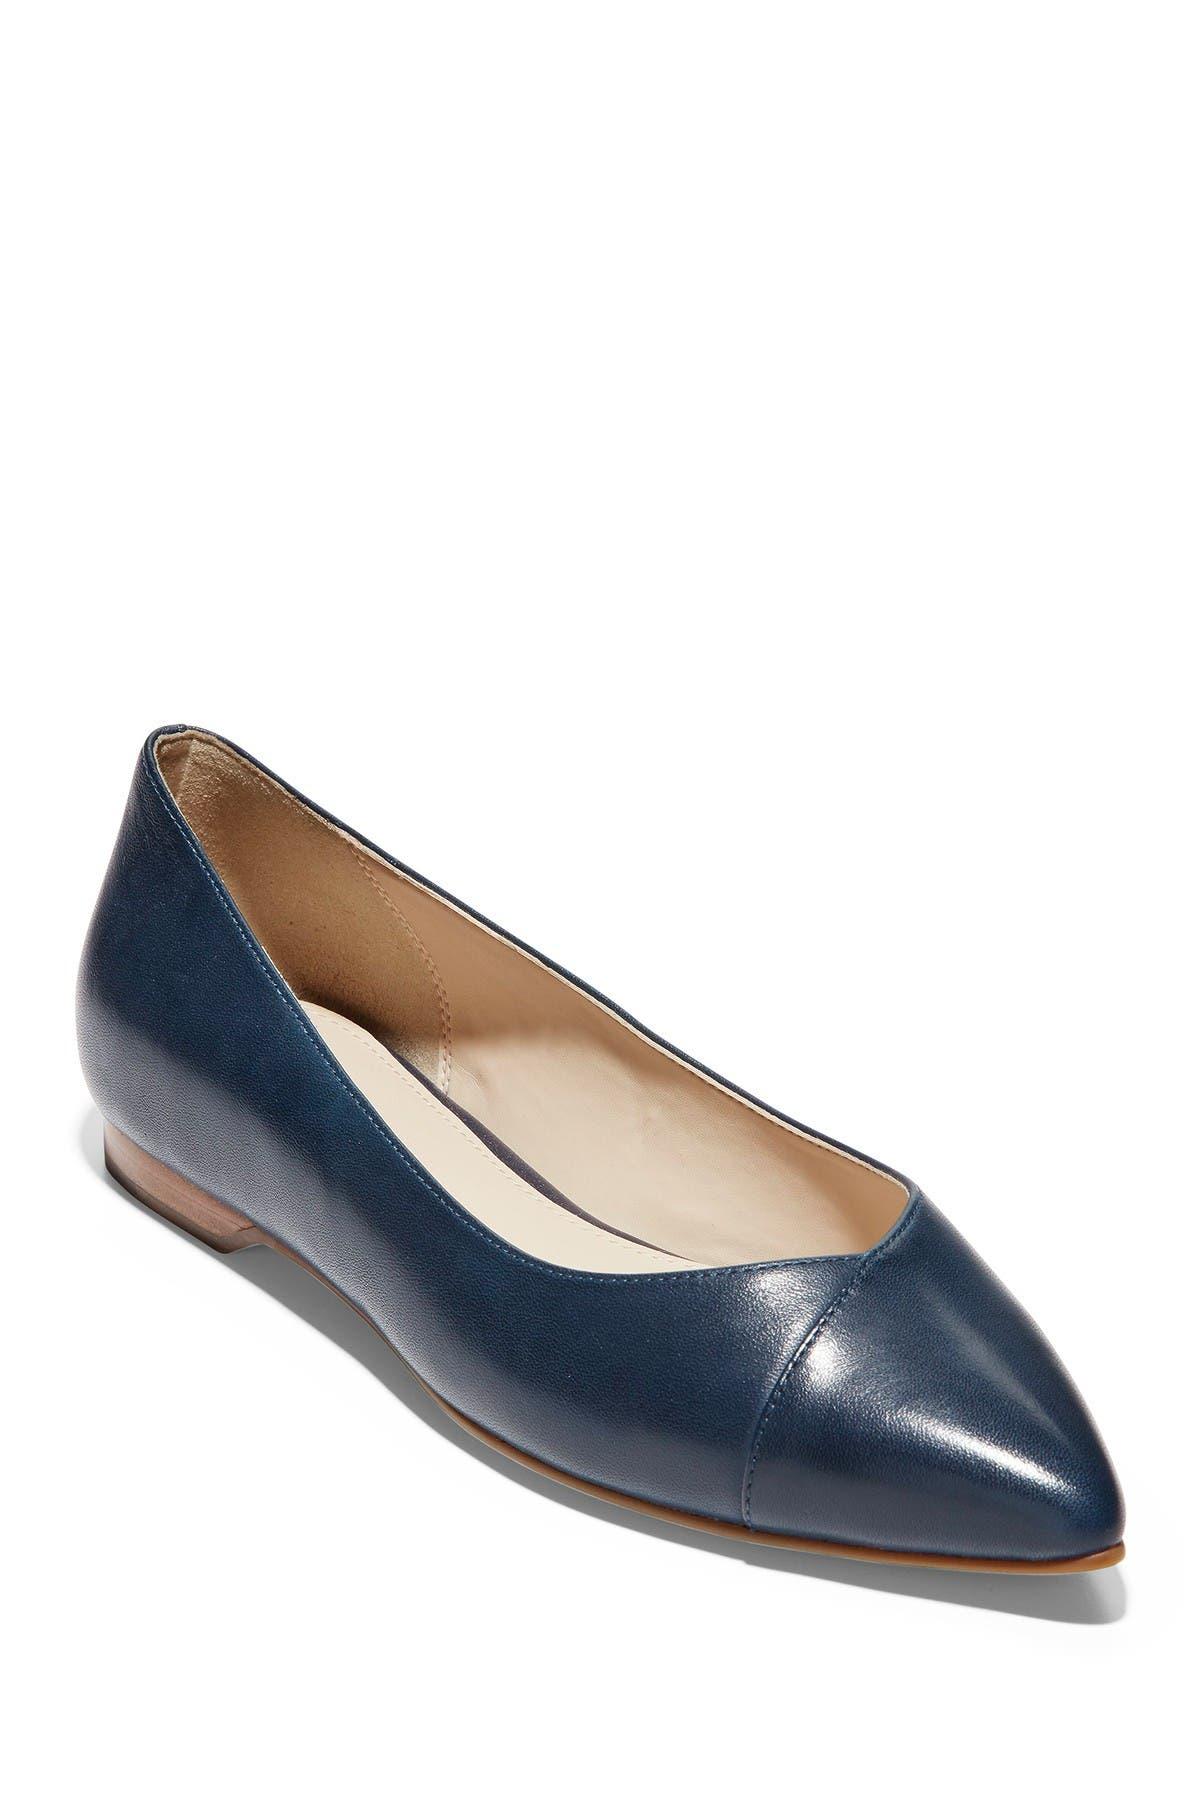 Cole Haan Women's Shoes   Nordstrom Rack